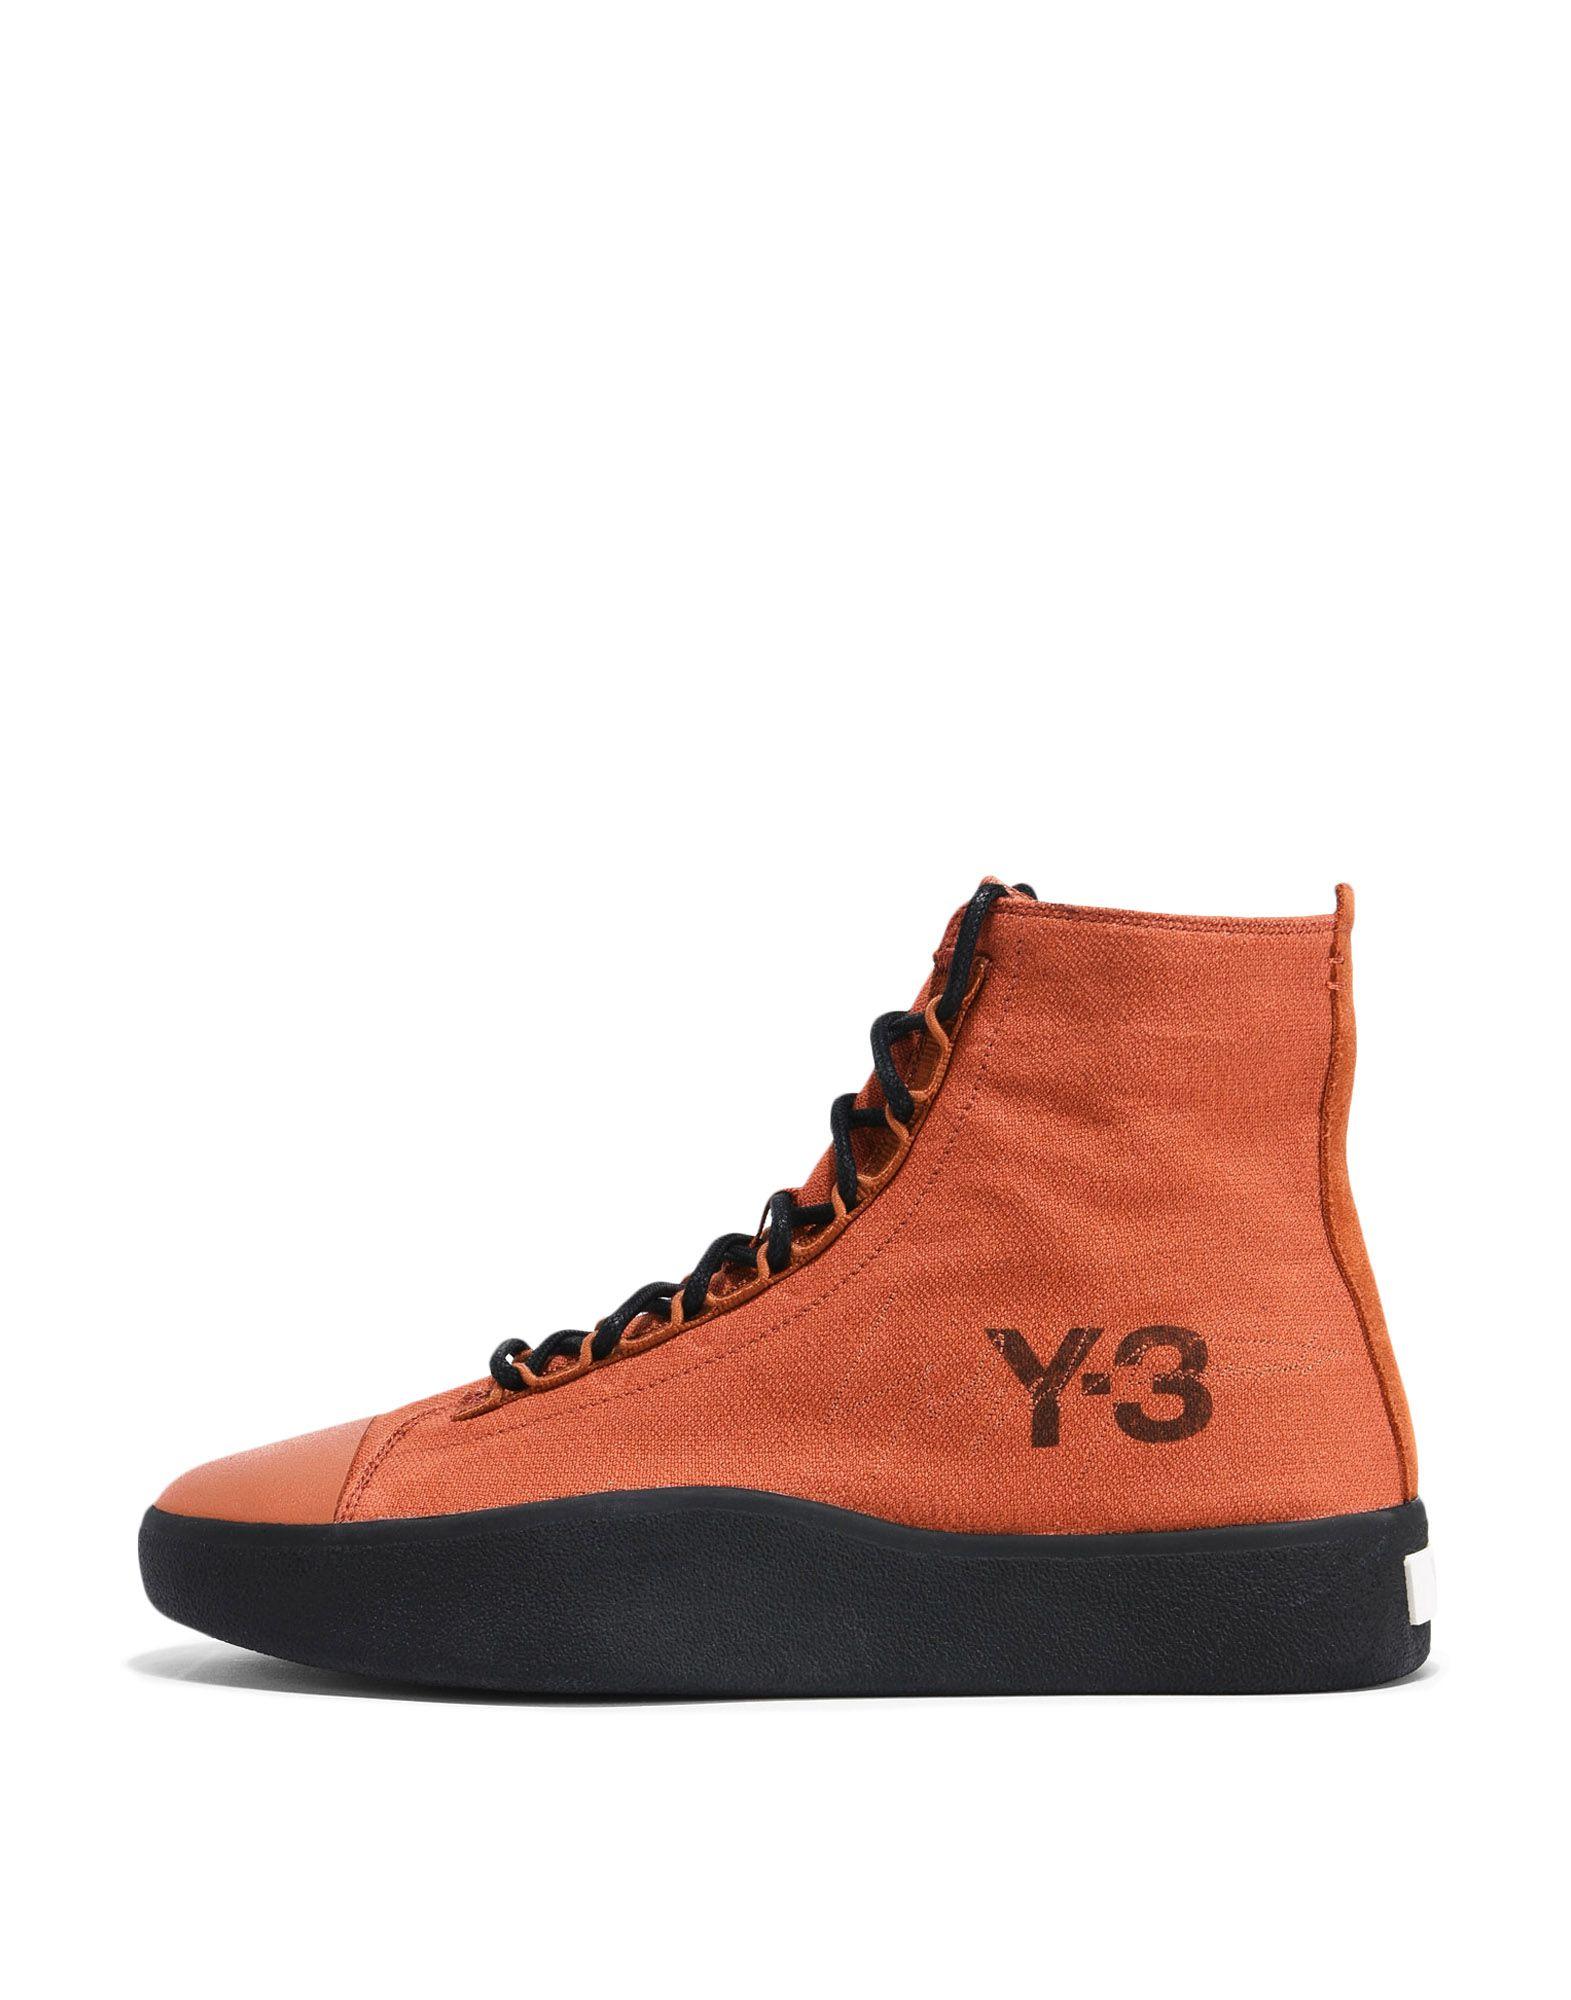 Y-3 Bashyo II SHOES unisex Y-3 adidas